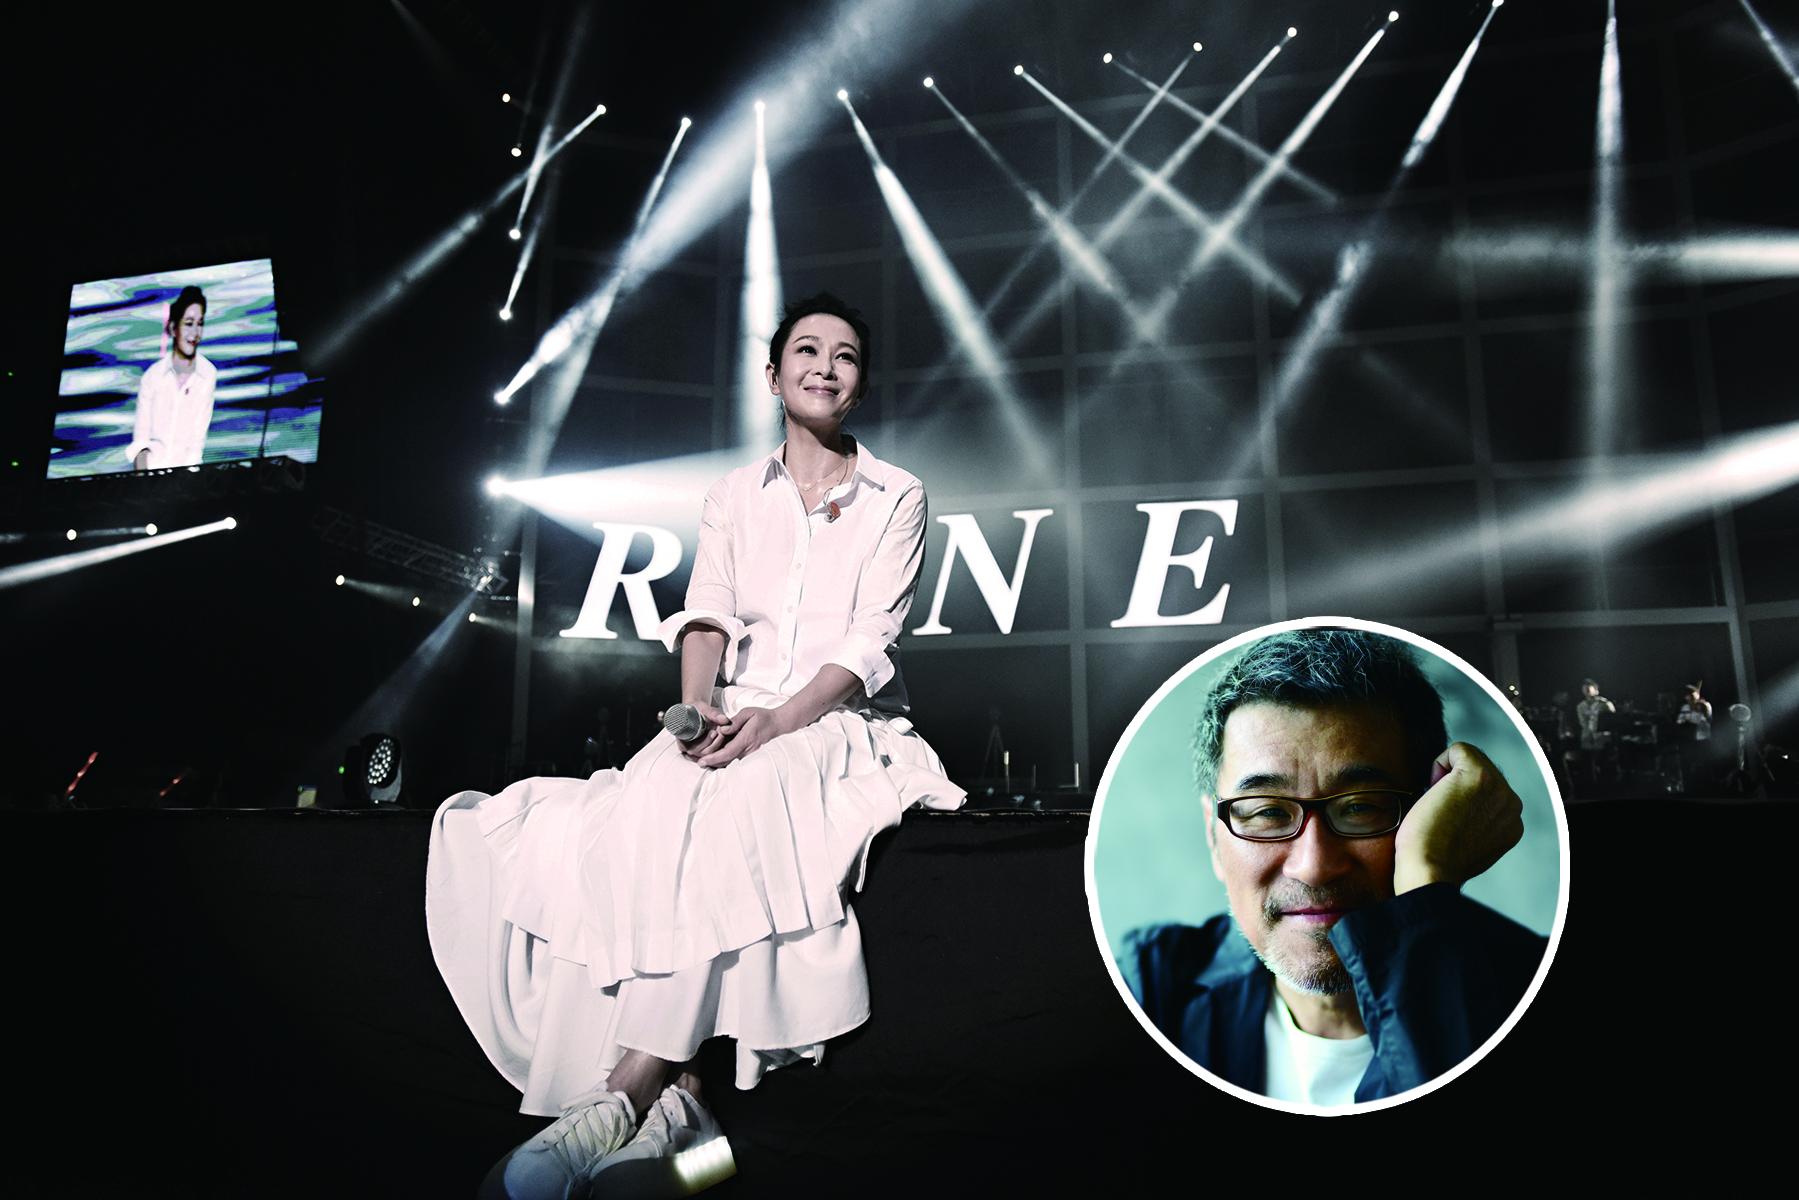 馳譽全球的資深創作歌手劉若英,應拉斯維加斯美高梅國際酒店大賭場的邀請,將於11月24日晚上九時,在酒店賭場之公園劇院獻唱一場,並獲得華語流行音樂界最傑出的唱片製作人李宗盛作特別嘉賓。與美西之歌迷歡渡感恩節。